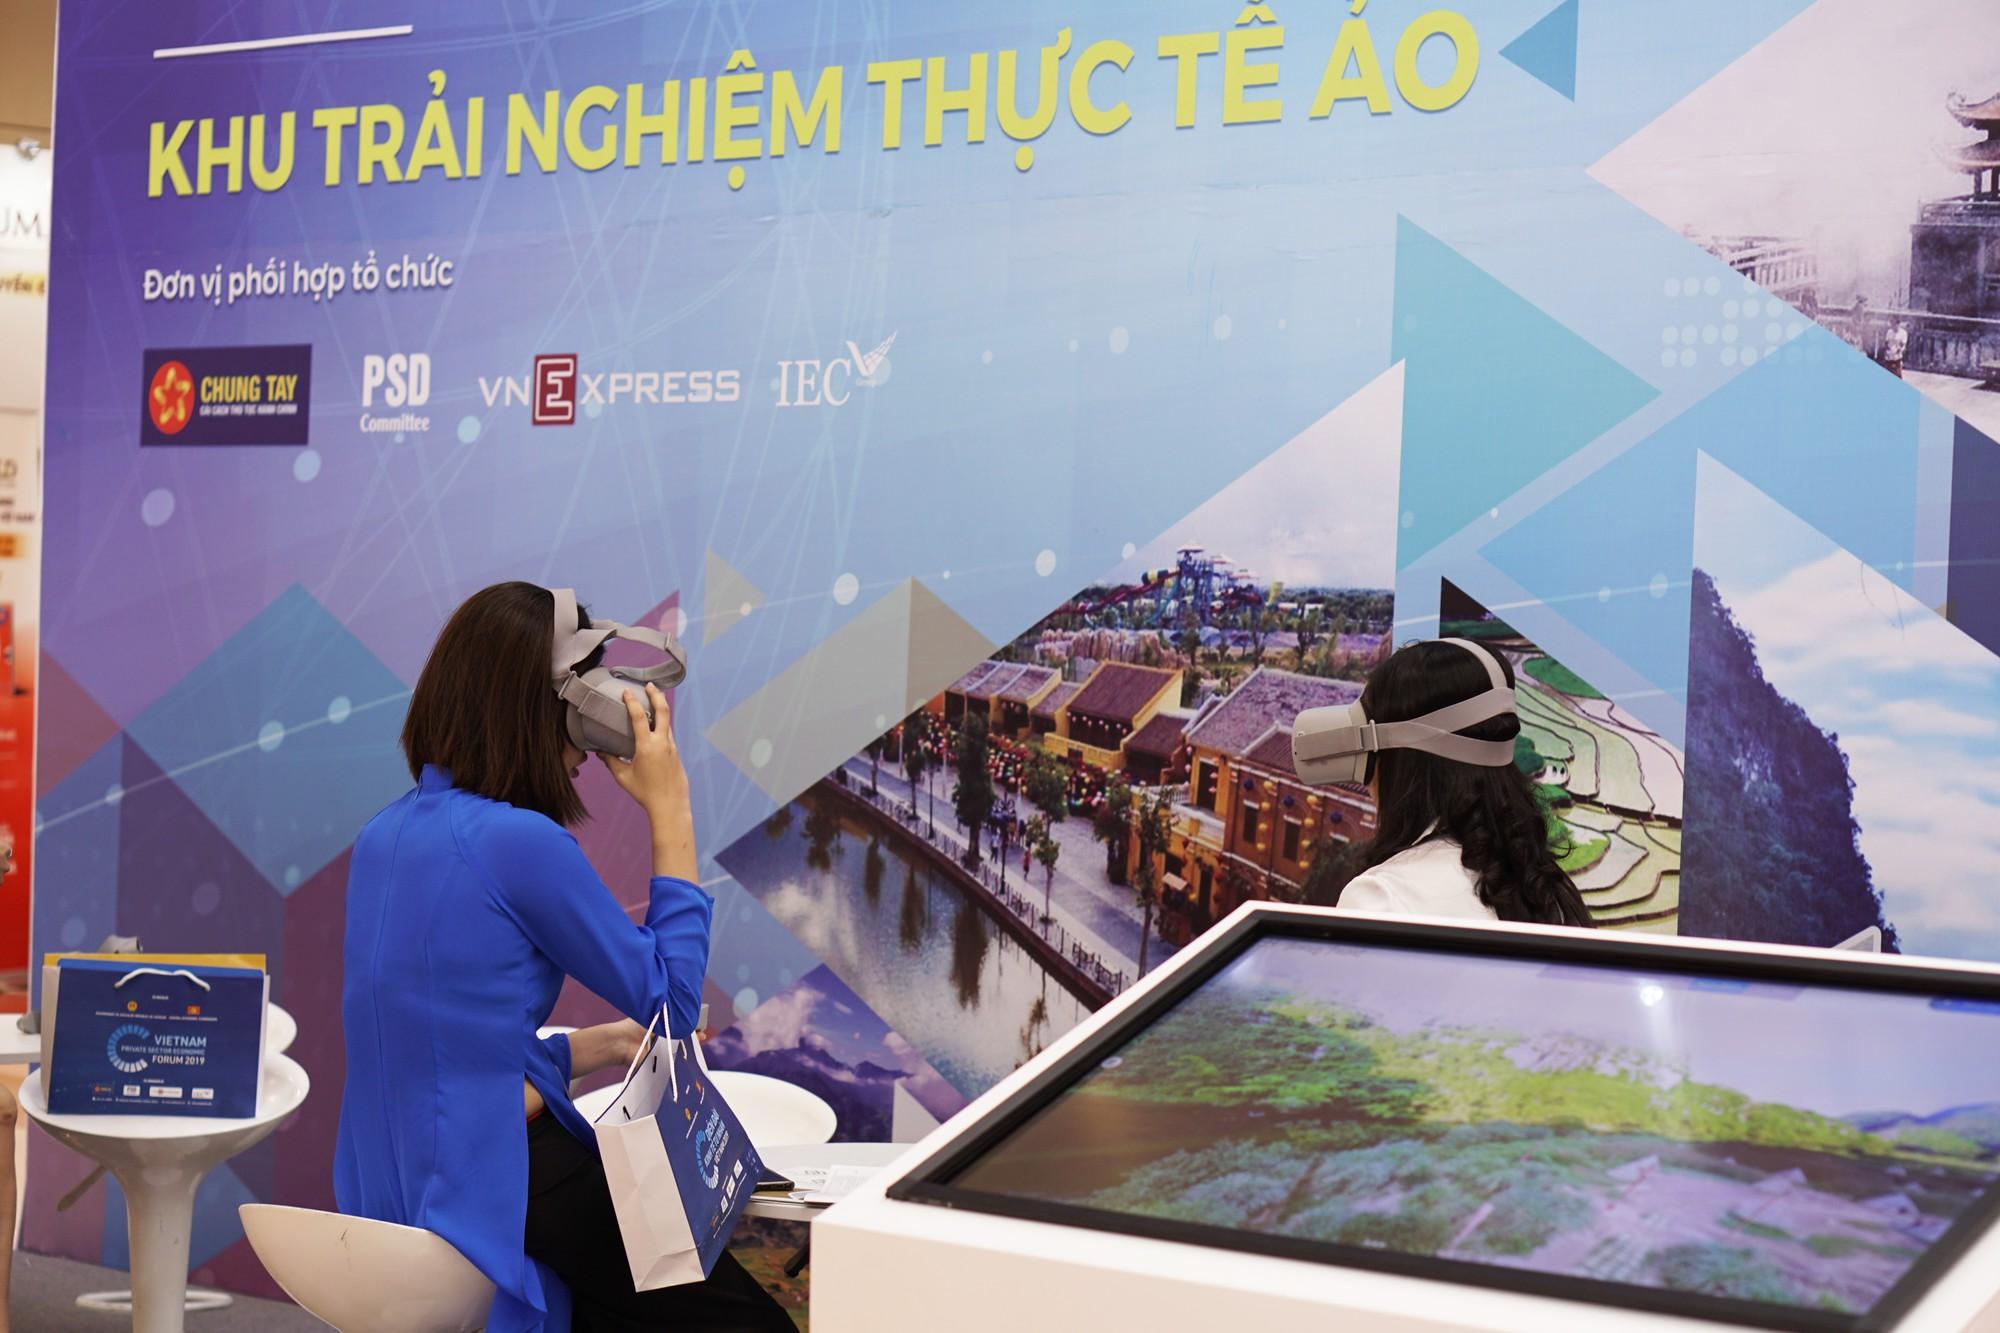 [Chùm ảnh] VinFast, Habeco, Vietcombank ... mang con cưng đến triển lãm thành tựu kinh tế tư nhân - Ảnh 11.